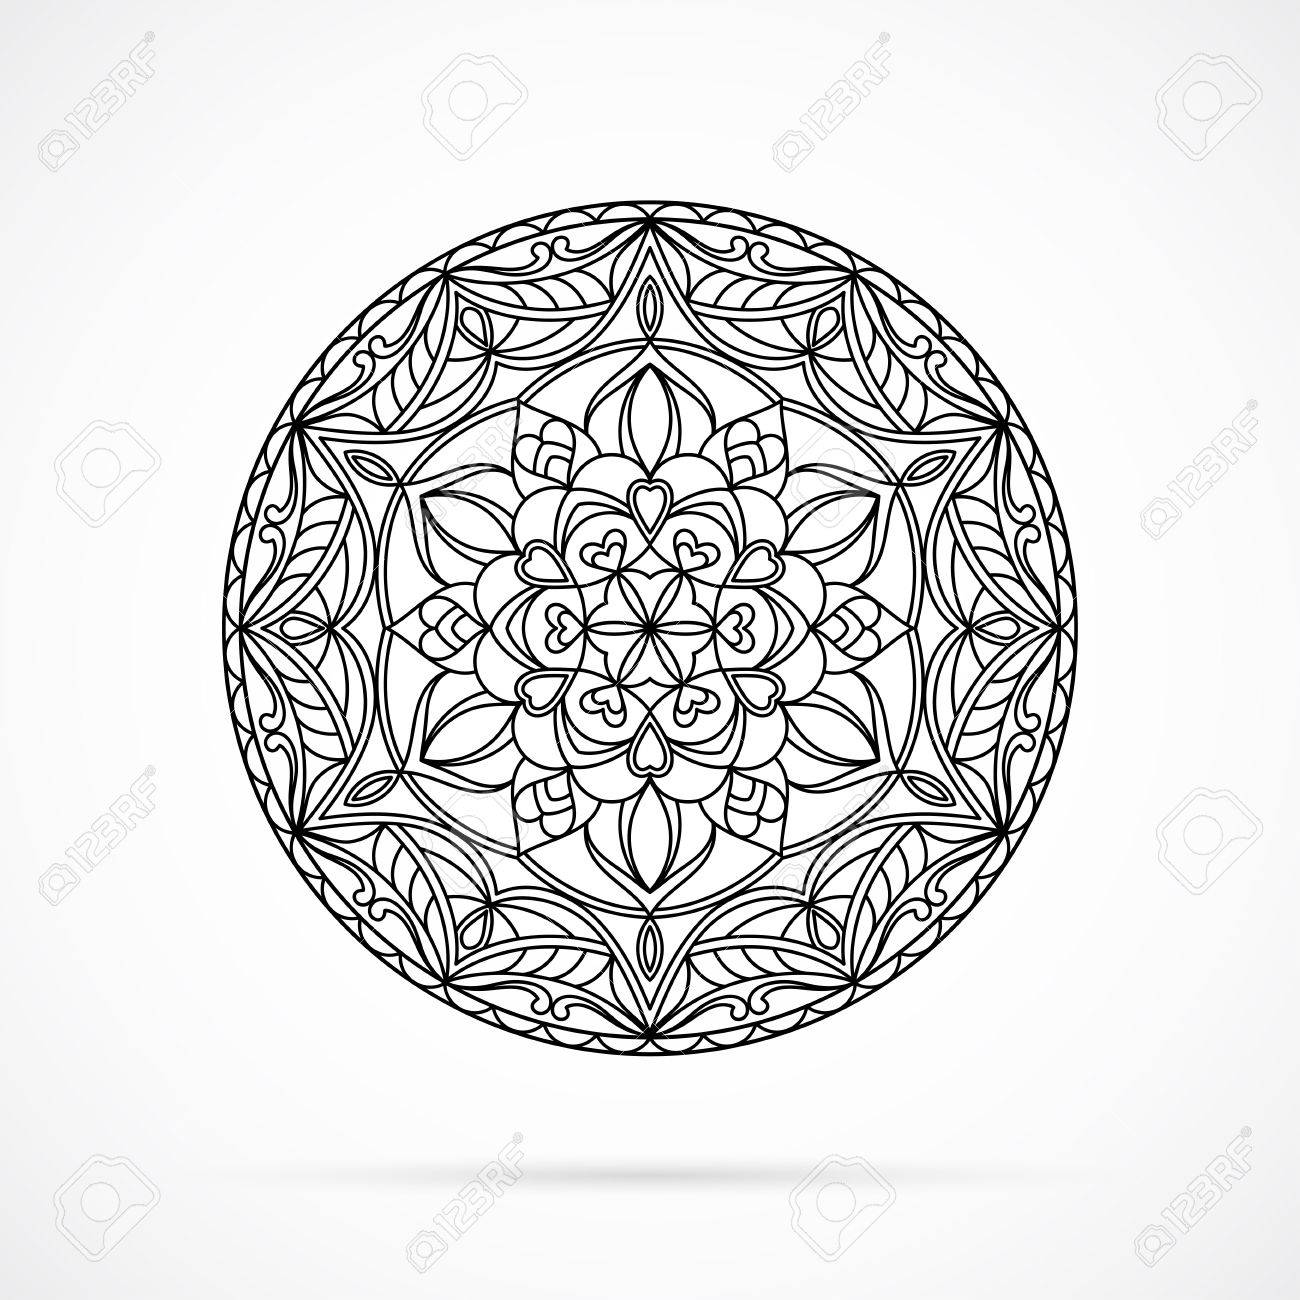 Negro Mandala De La Flor De Colores Sobre Fondo Blanco. Elemento ...